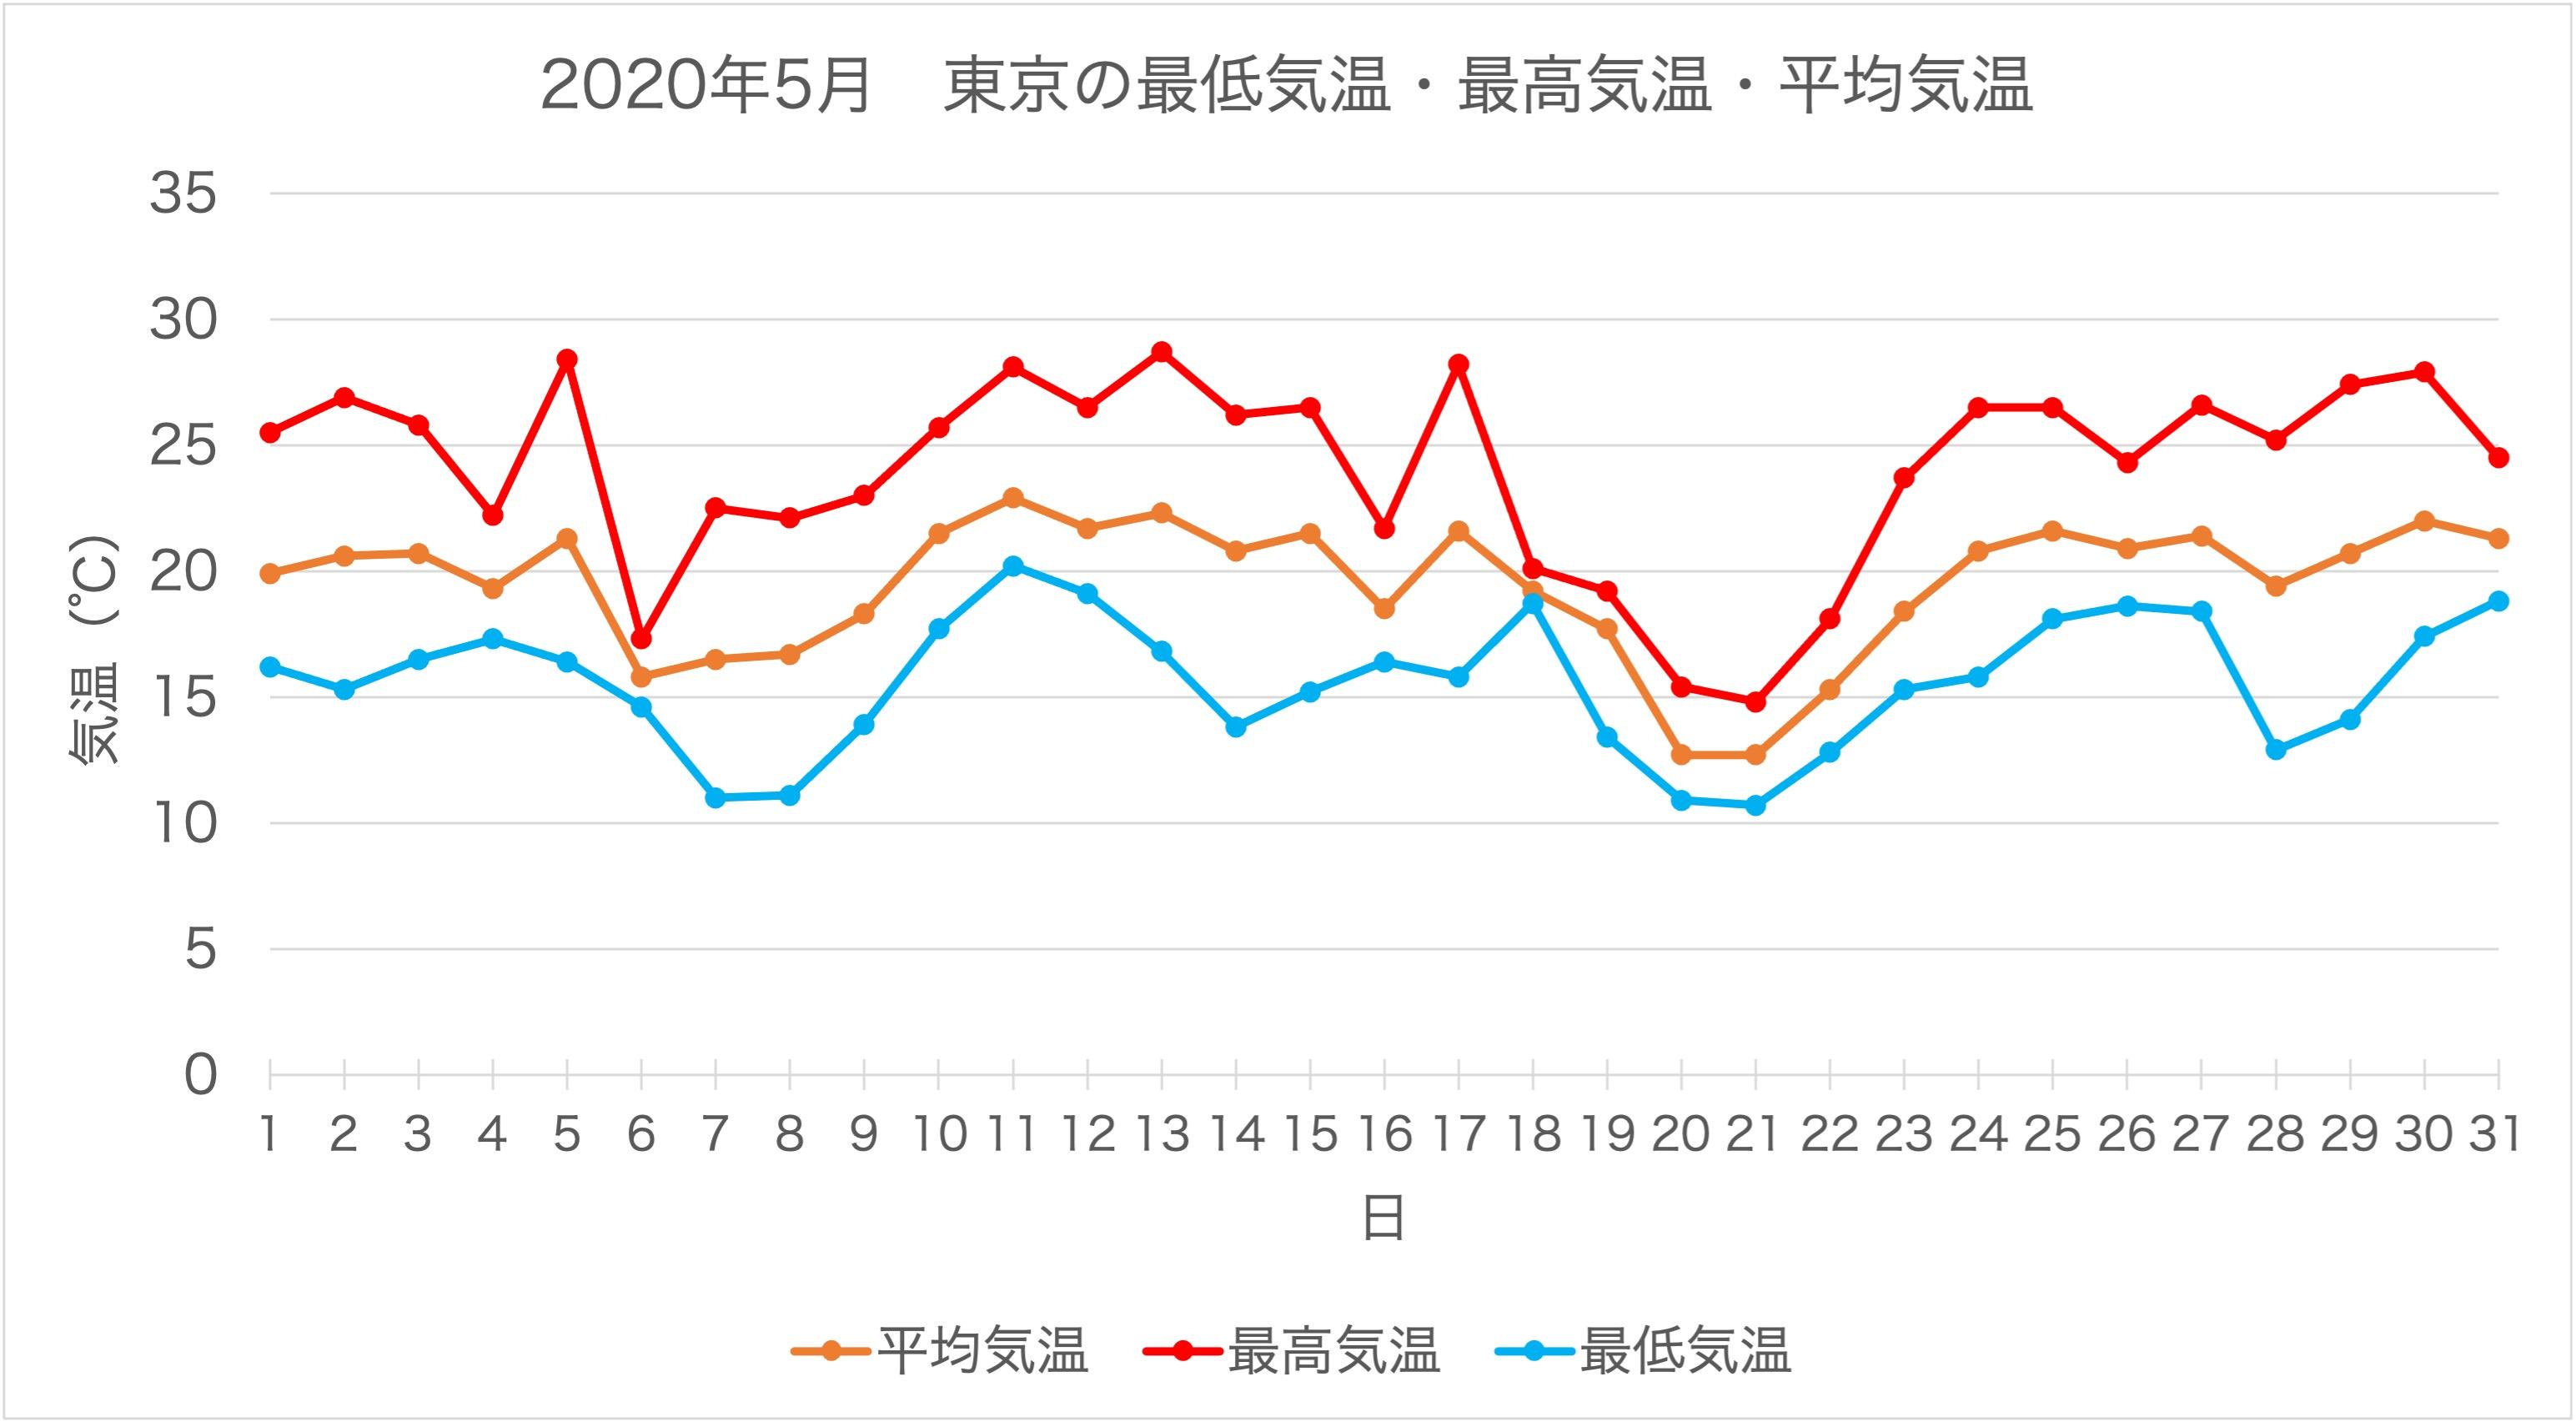 2020年5月の東京の最低気温・最高気温・平均気温のグラフです。